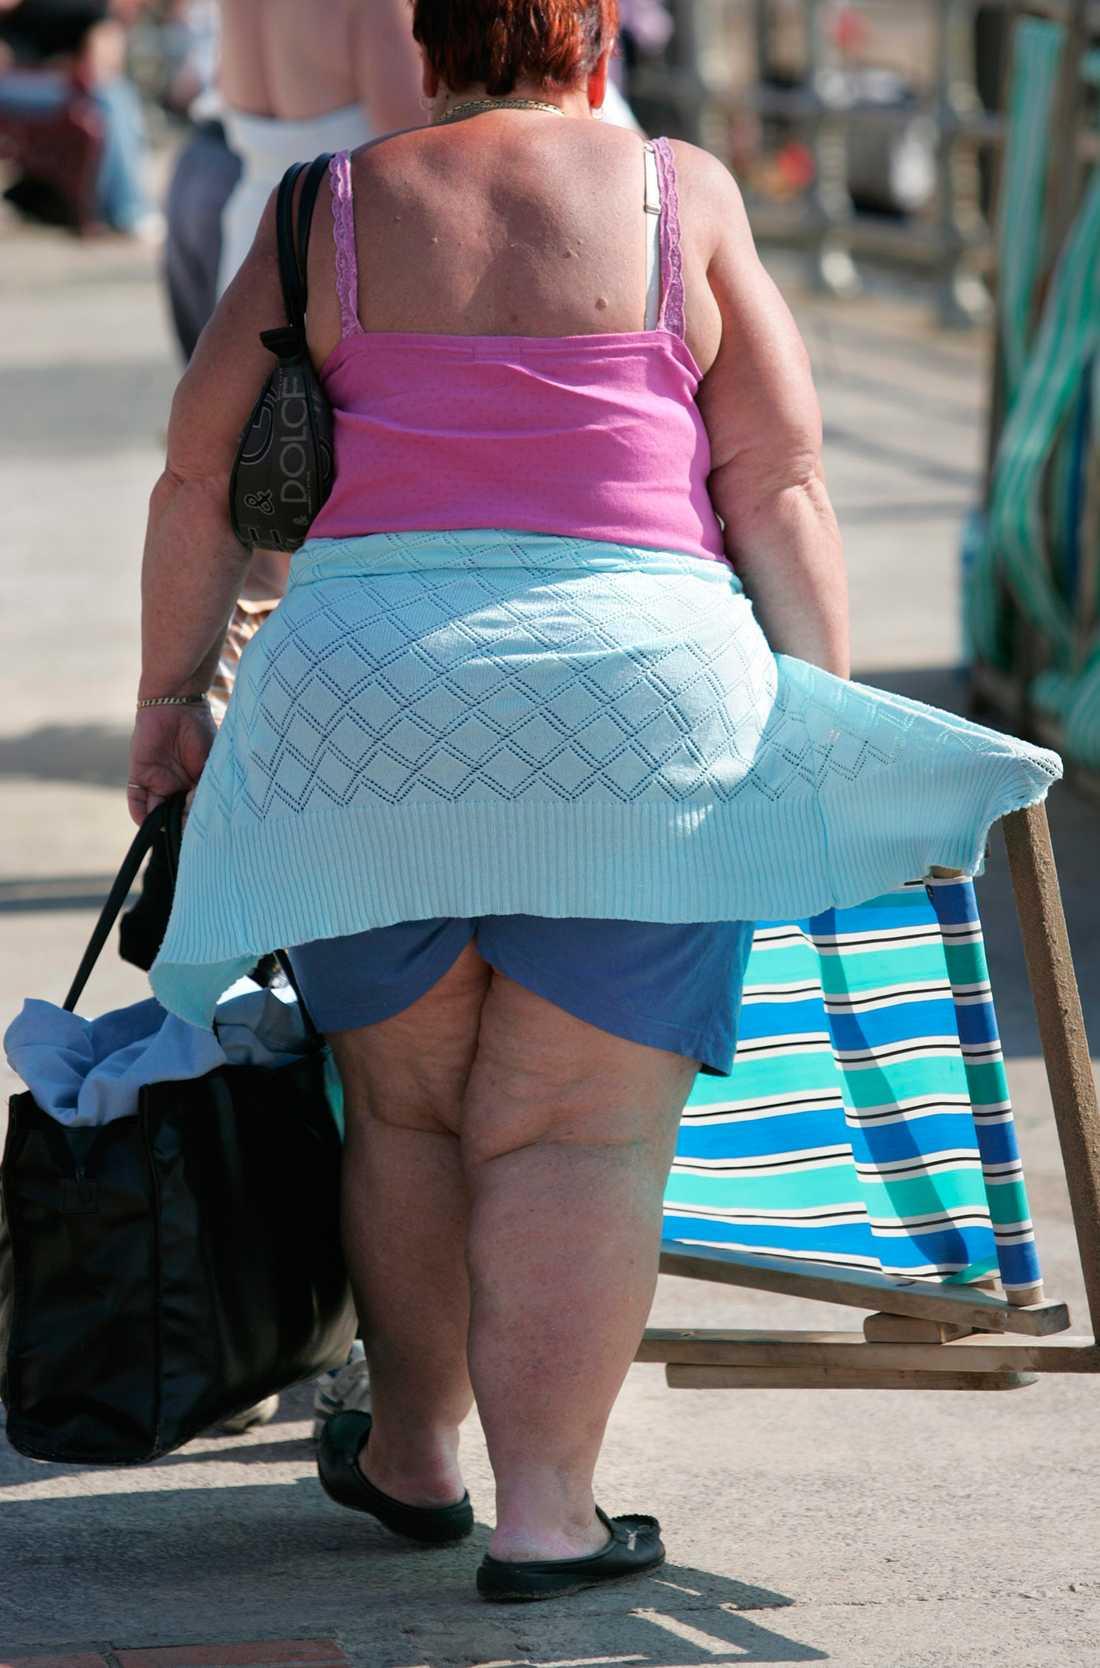 Bland kvinnor kommer förekomsten av fetma att öka från 12 procent (2010) till 22 procent år 2030.